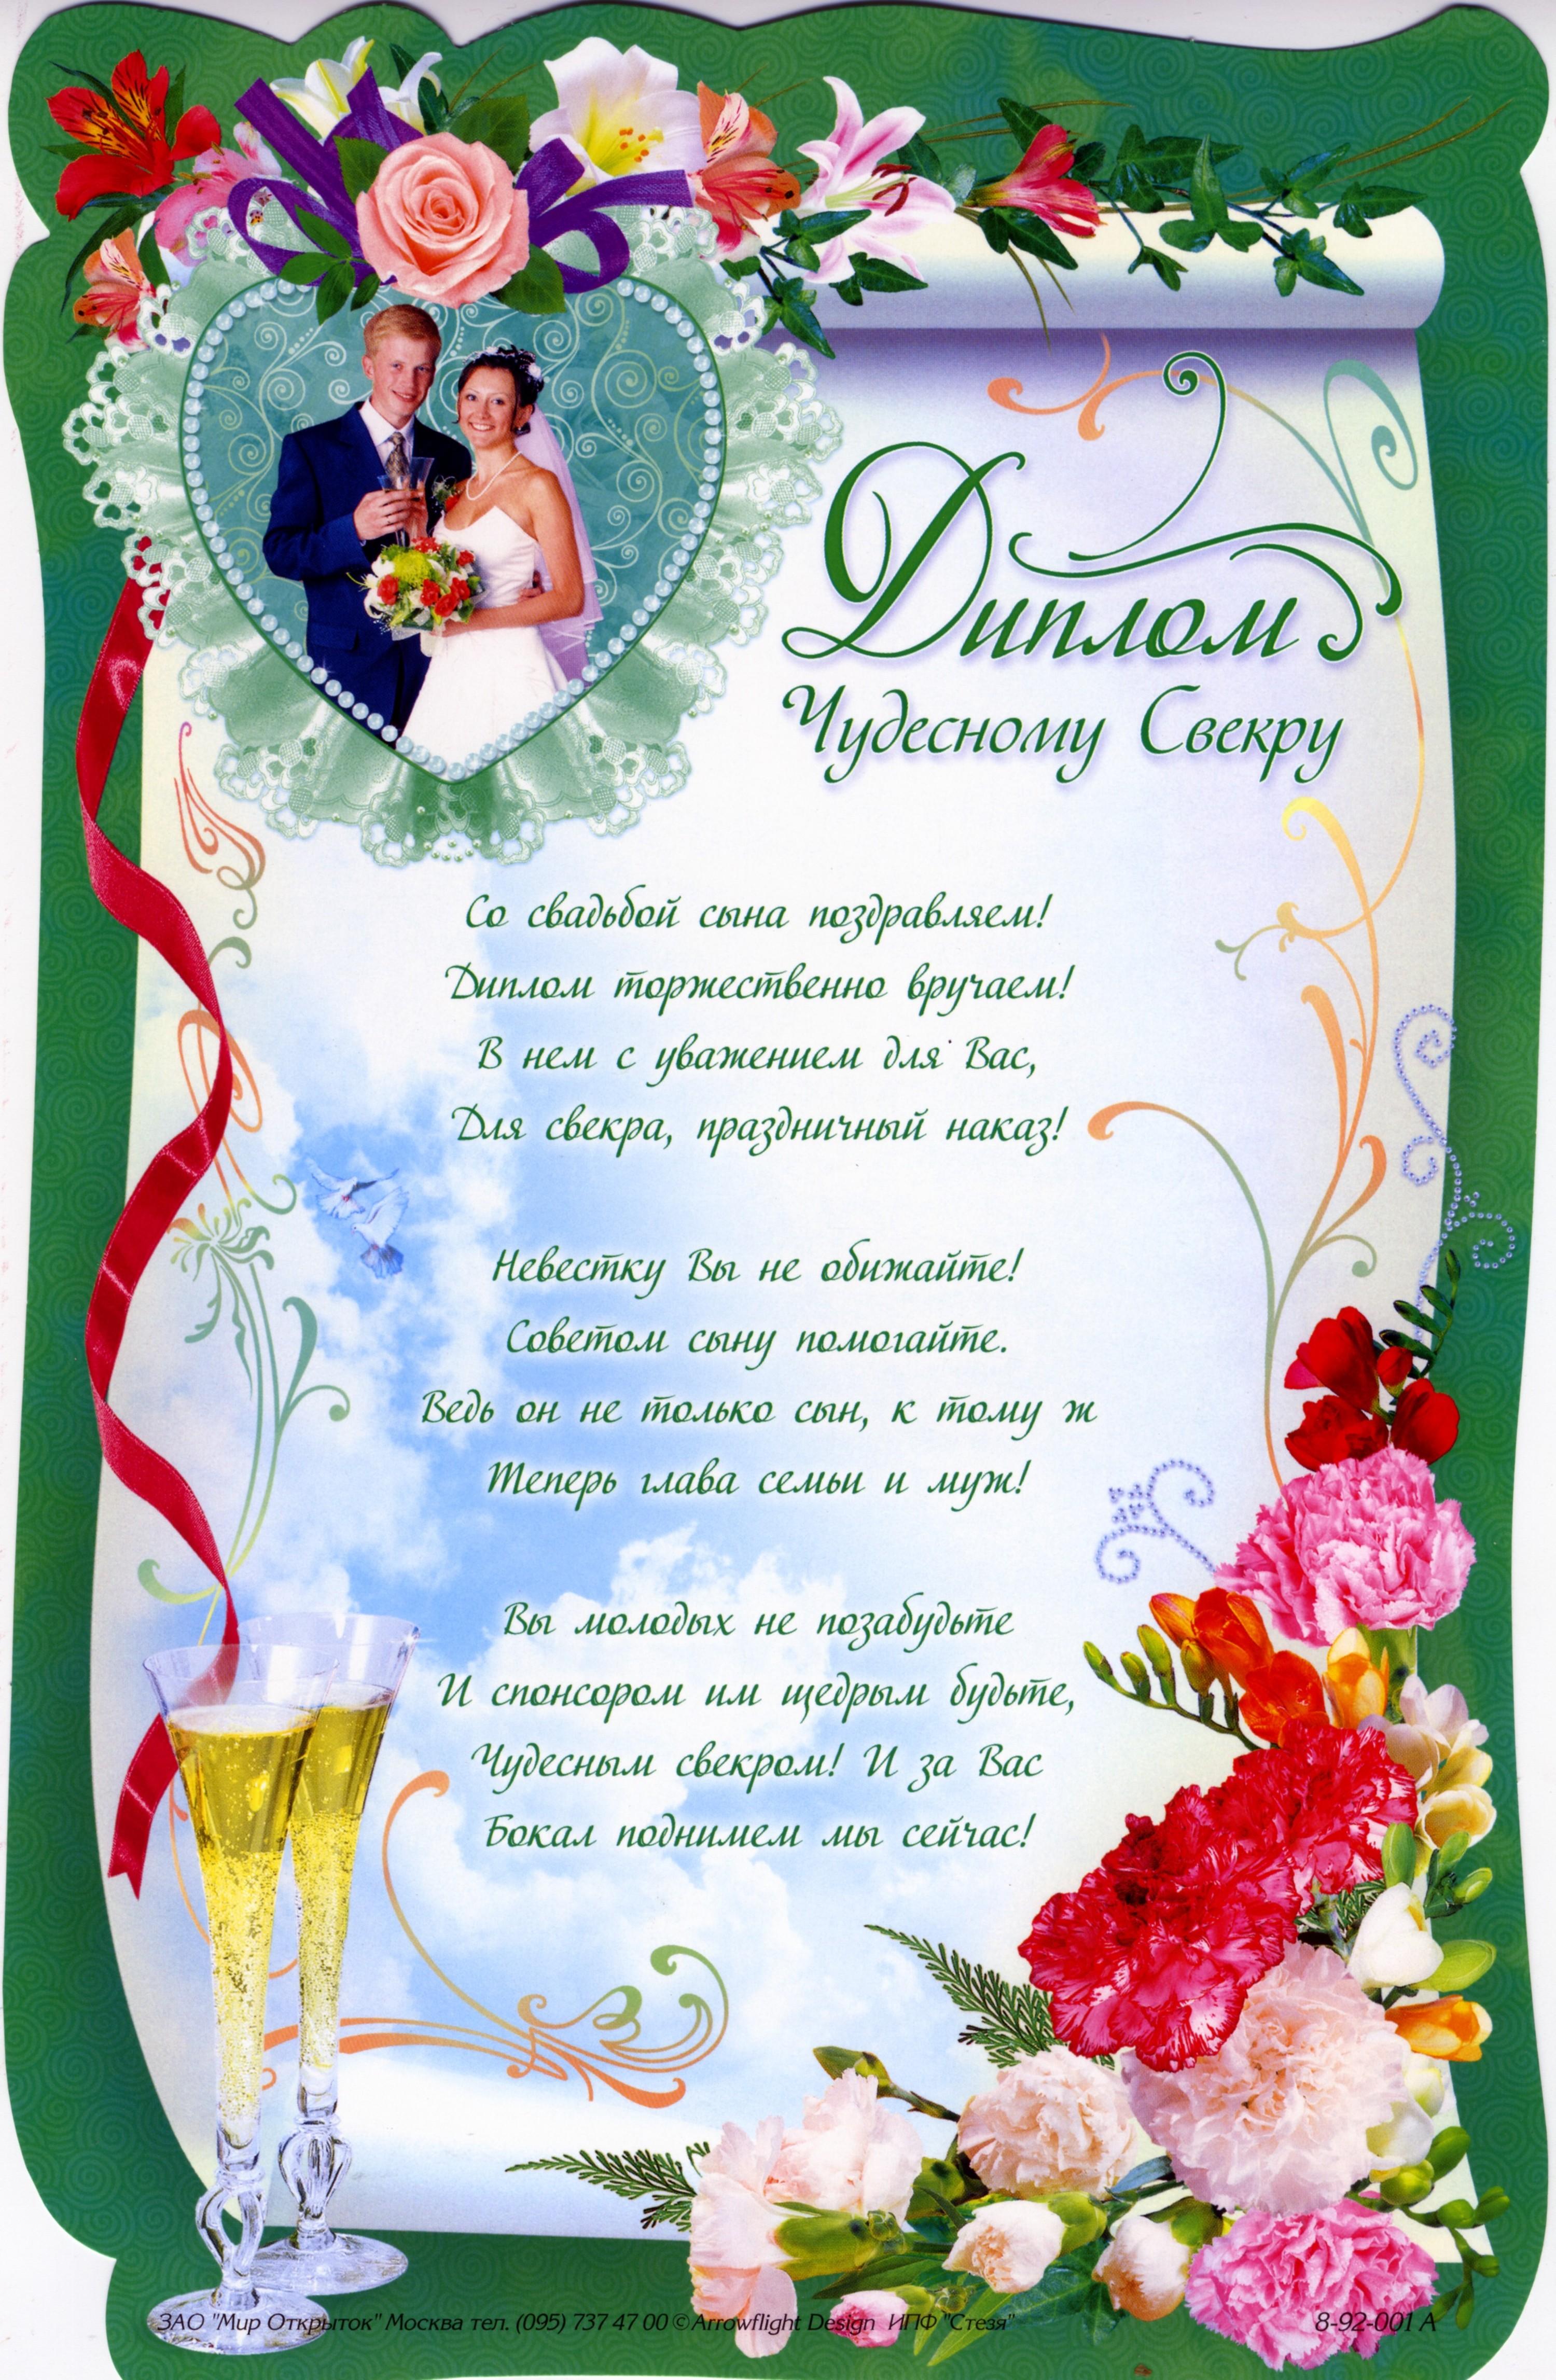 Сценка поздравление коллеге на свадьбу